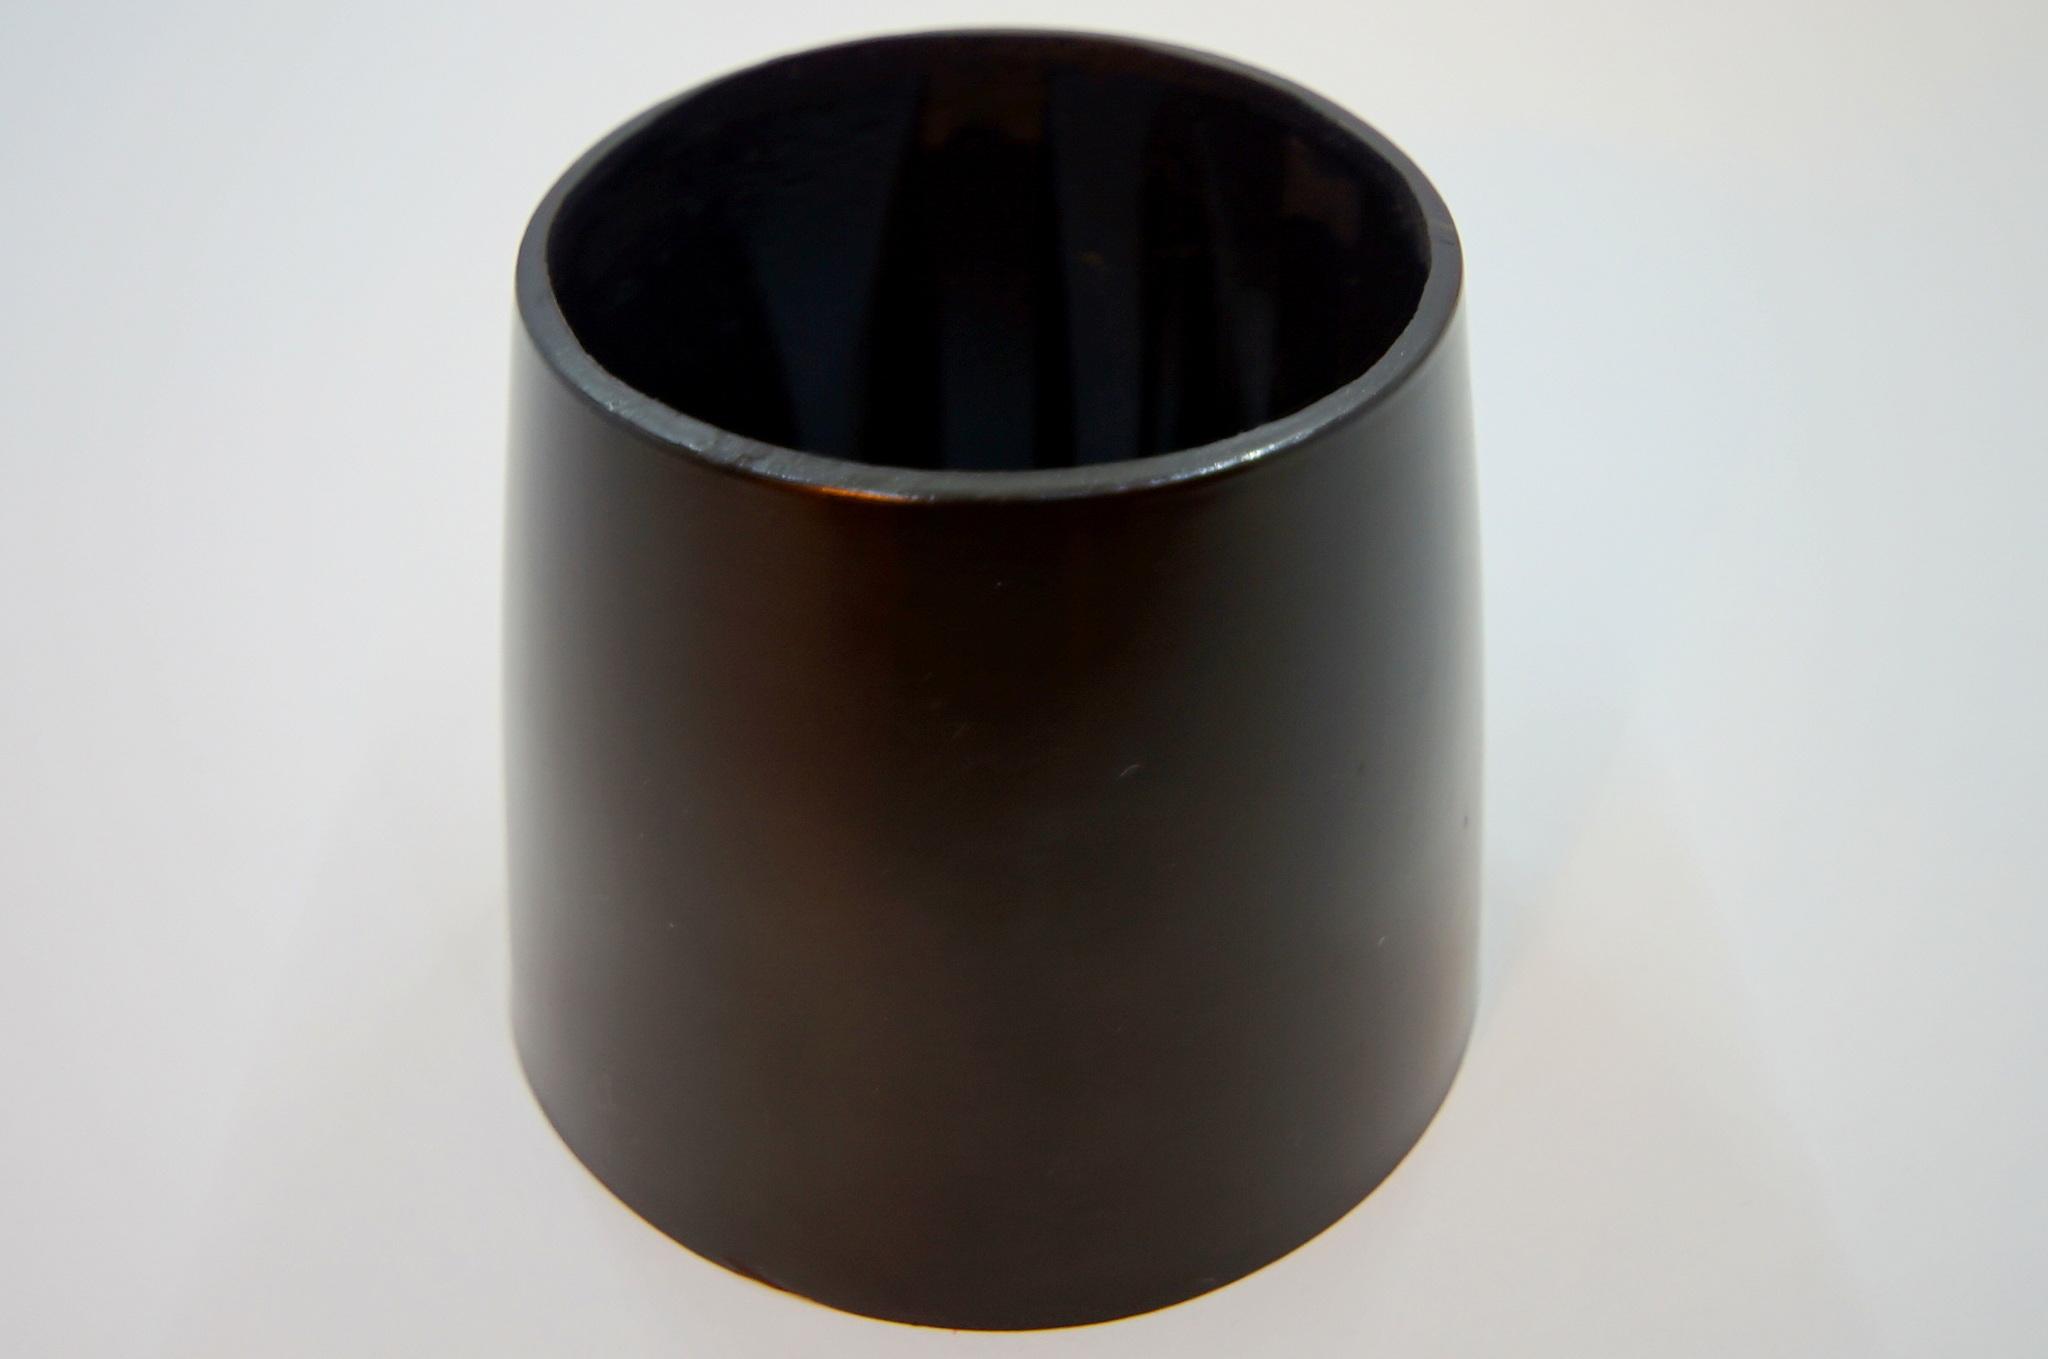 Чашка рулевой колонки Москвич 402-407 черная без выреза